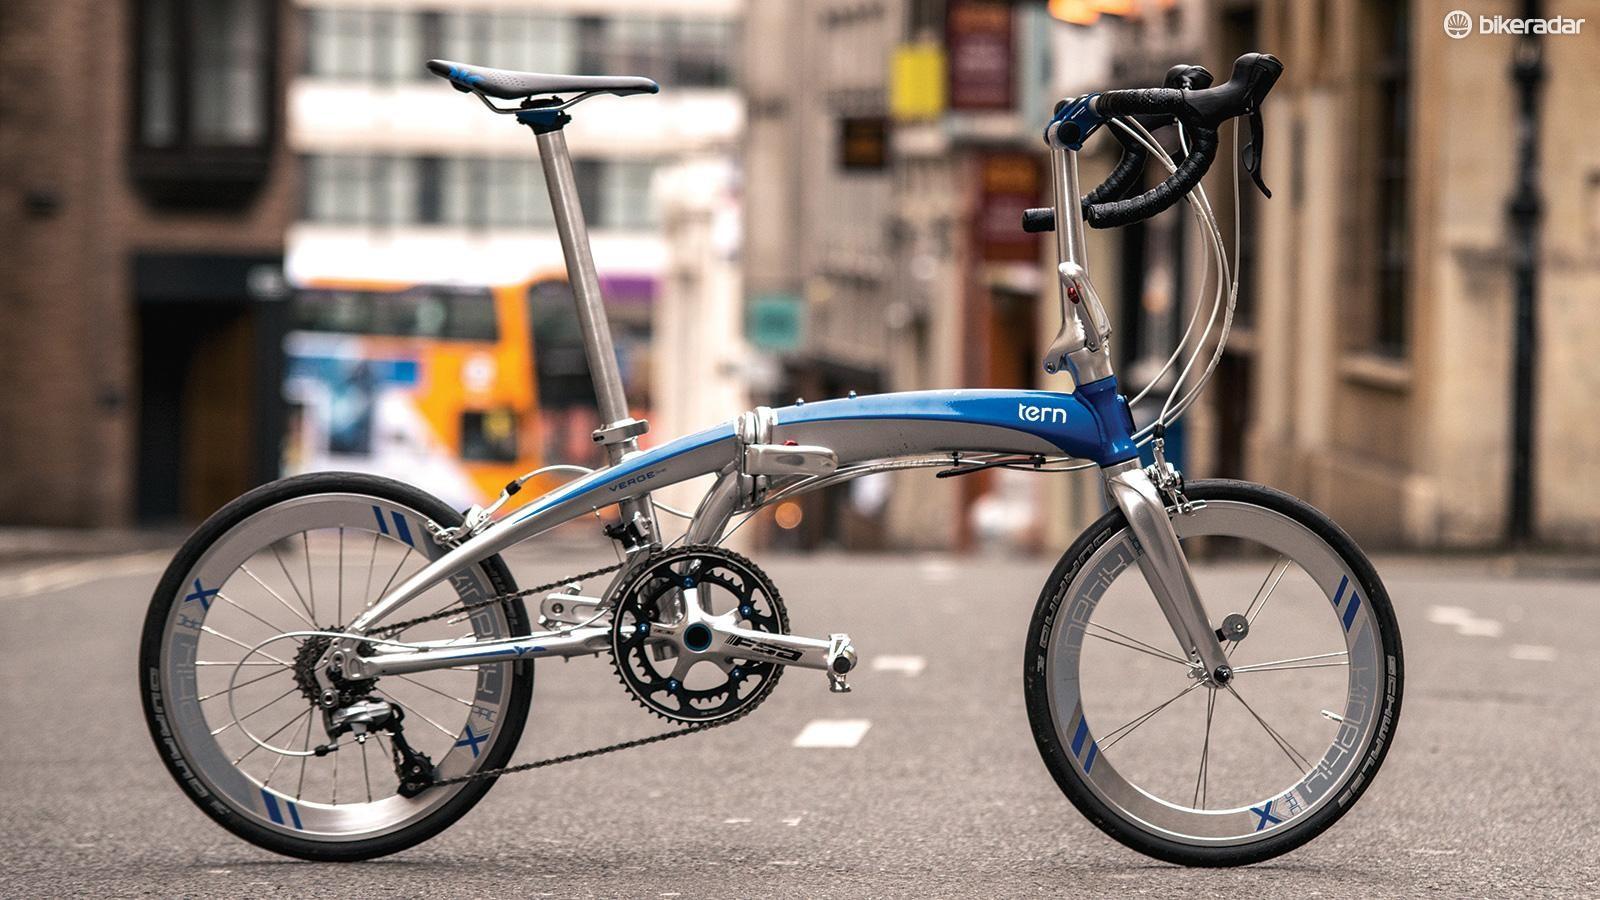 Tern's Verge X18 folding bike